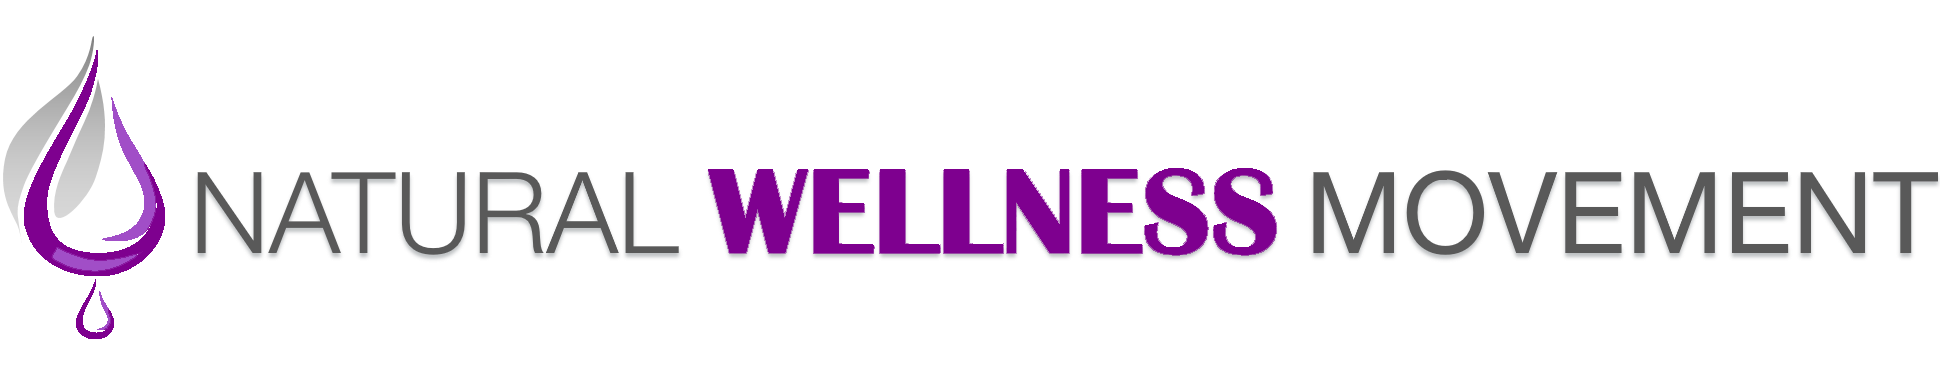 Natural Wellness Movement